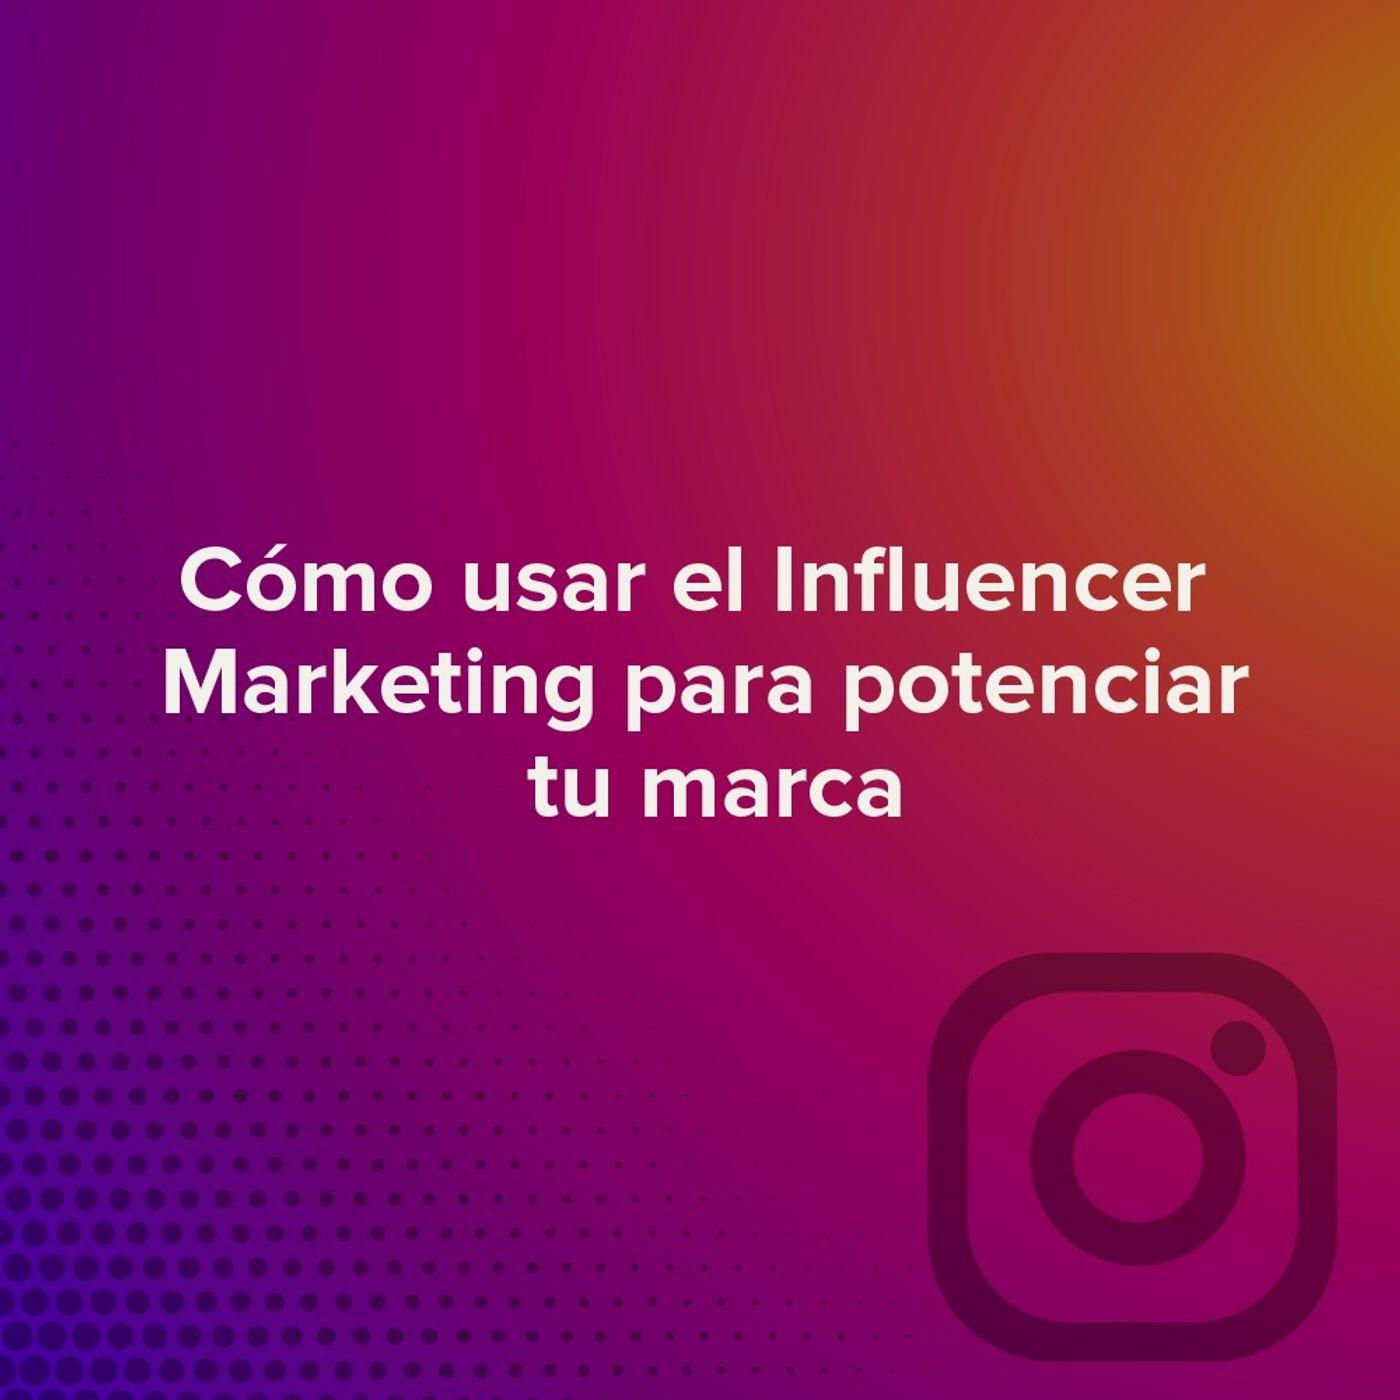 Cómo usar el Influencer Marketing para potenciar tu marca